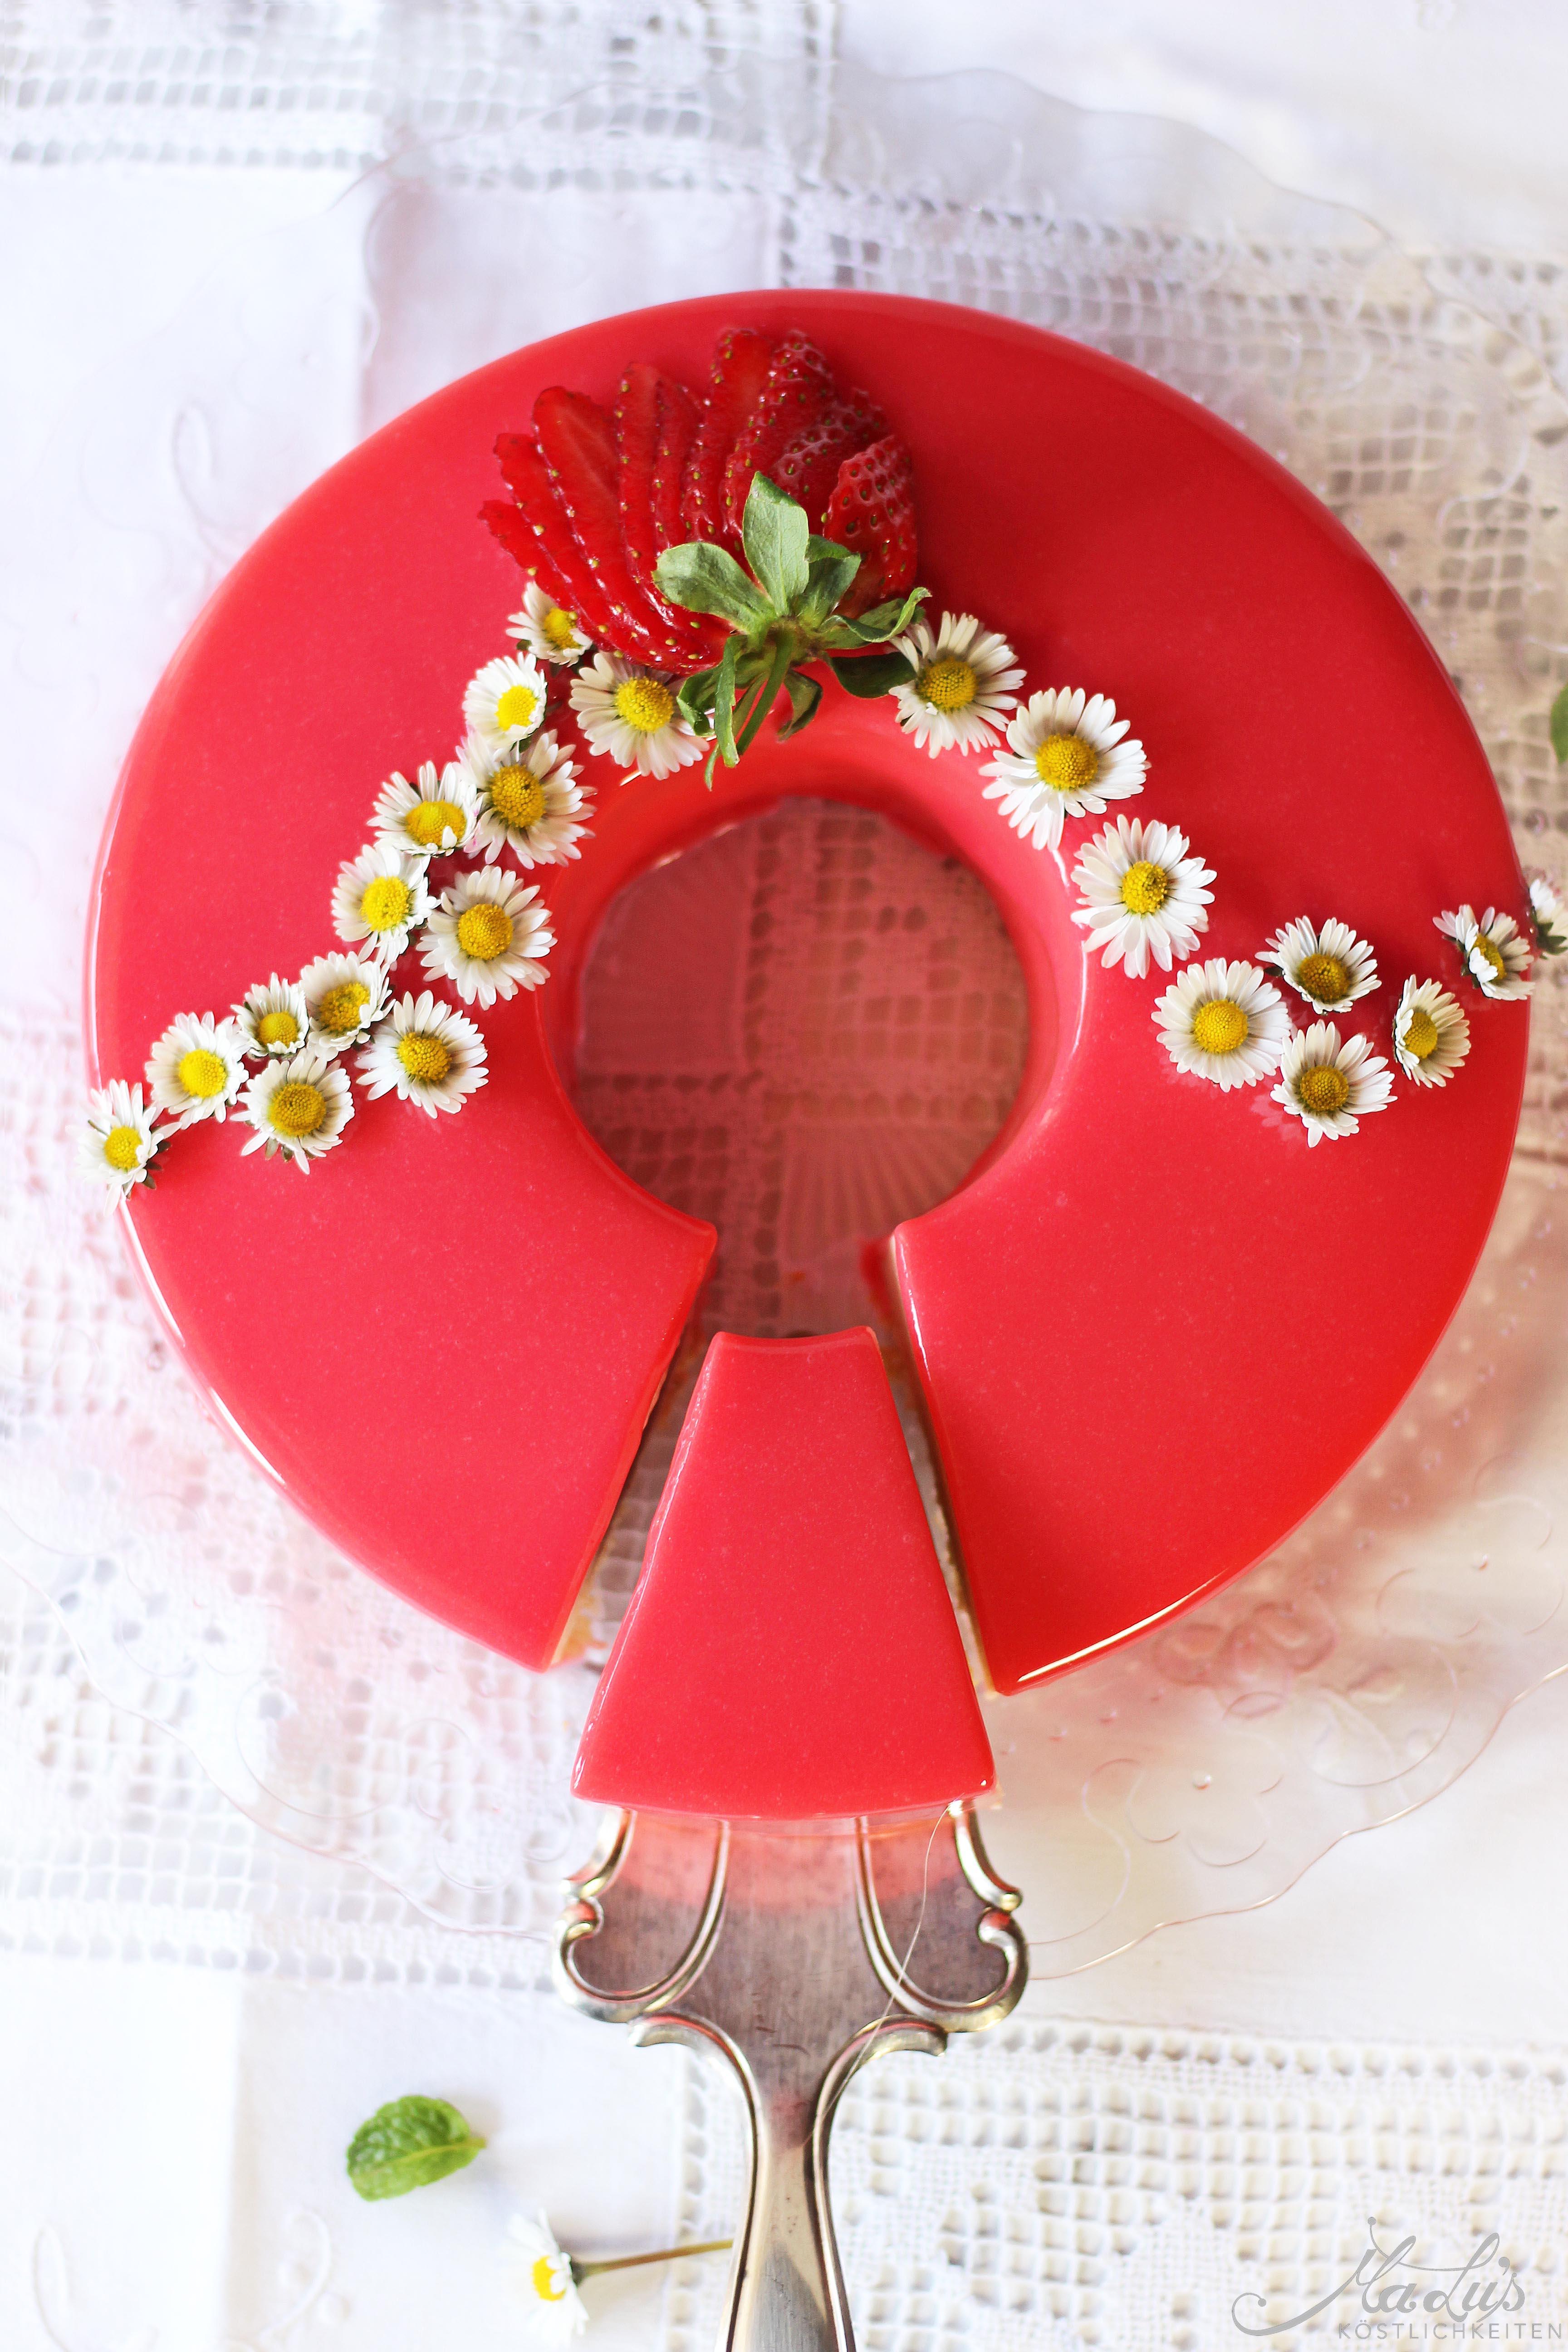 Erdbeer-Rhabarber Torte